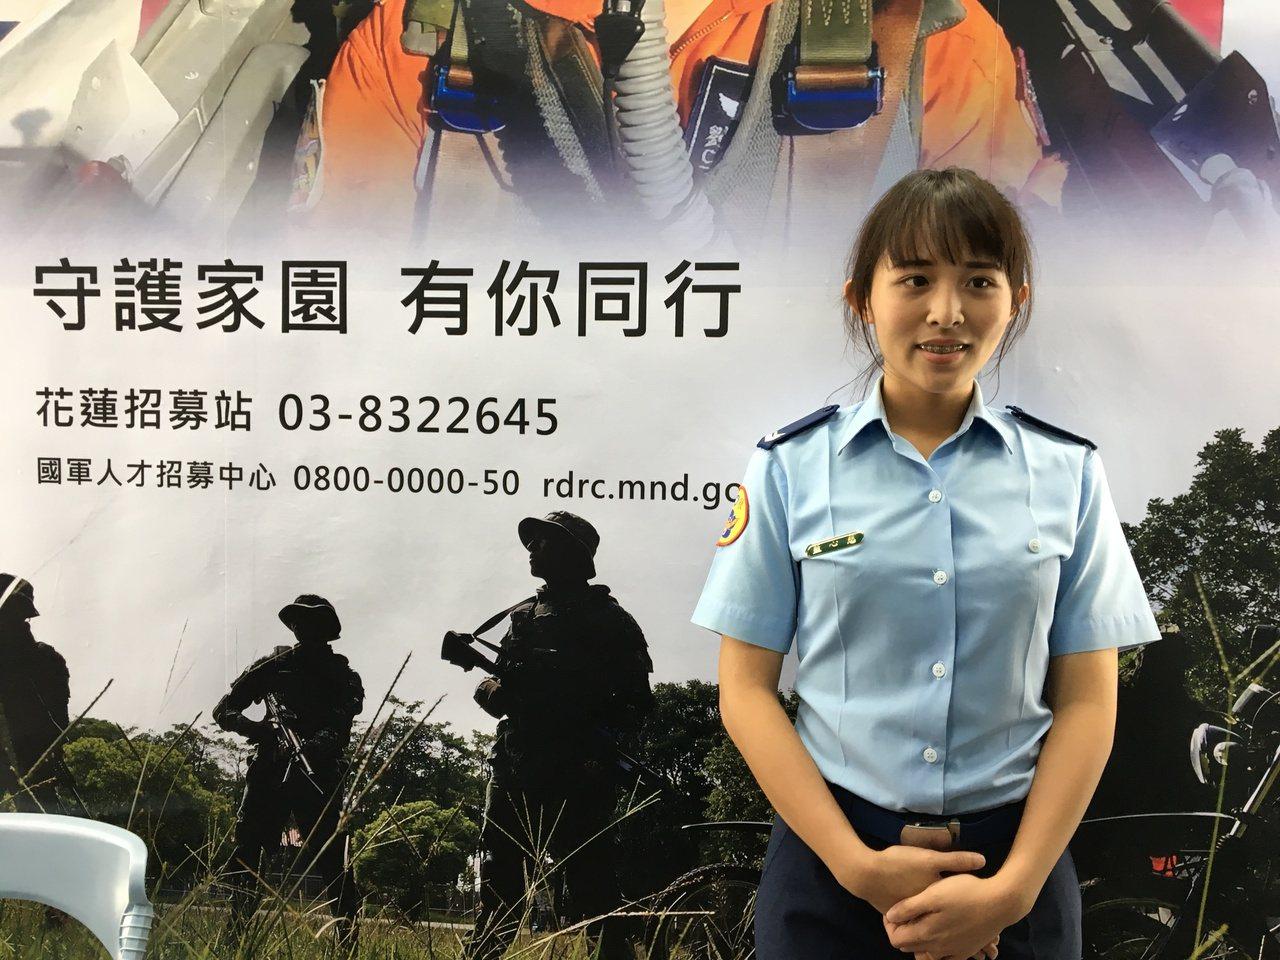 負責招募業務的空軍下士藍心慈,高職畢業後即投入軍職,今年已4年,她以自身經驗分享...